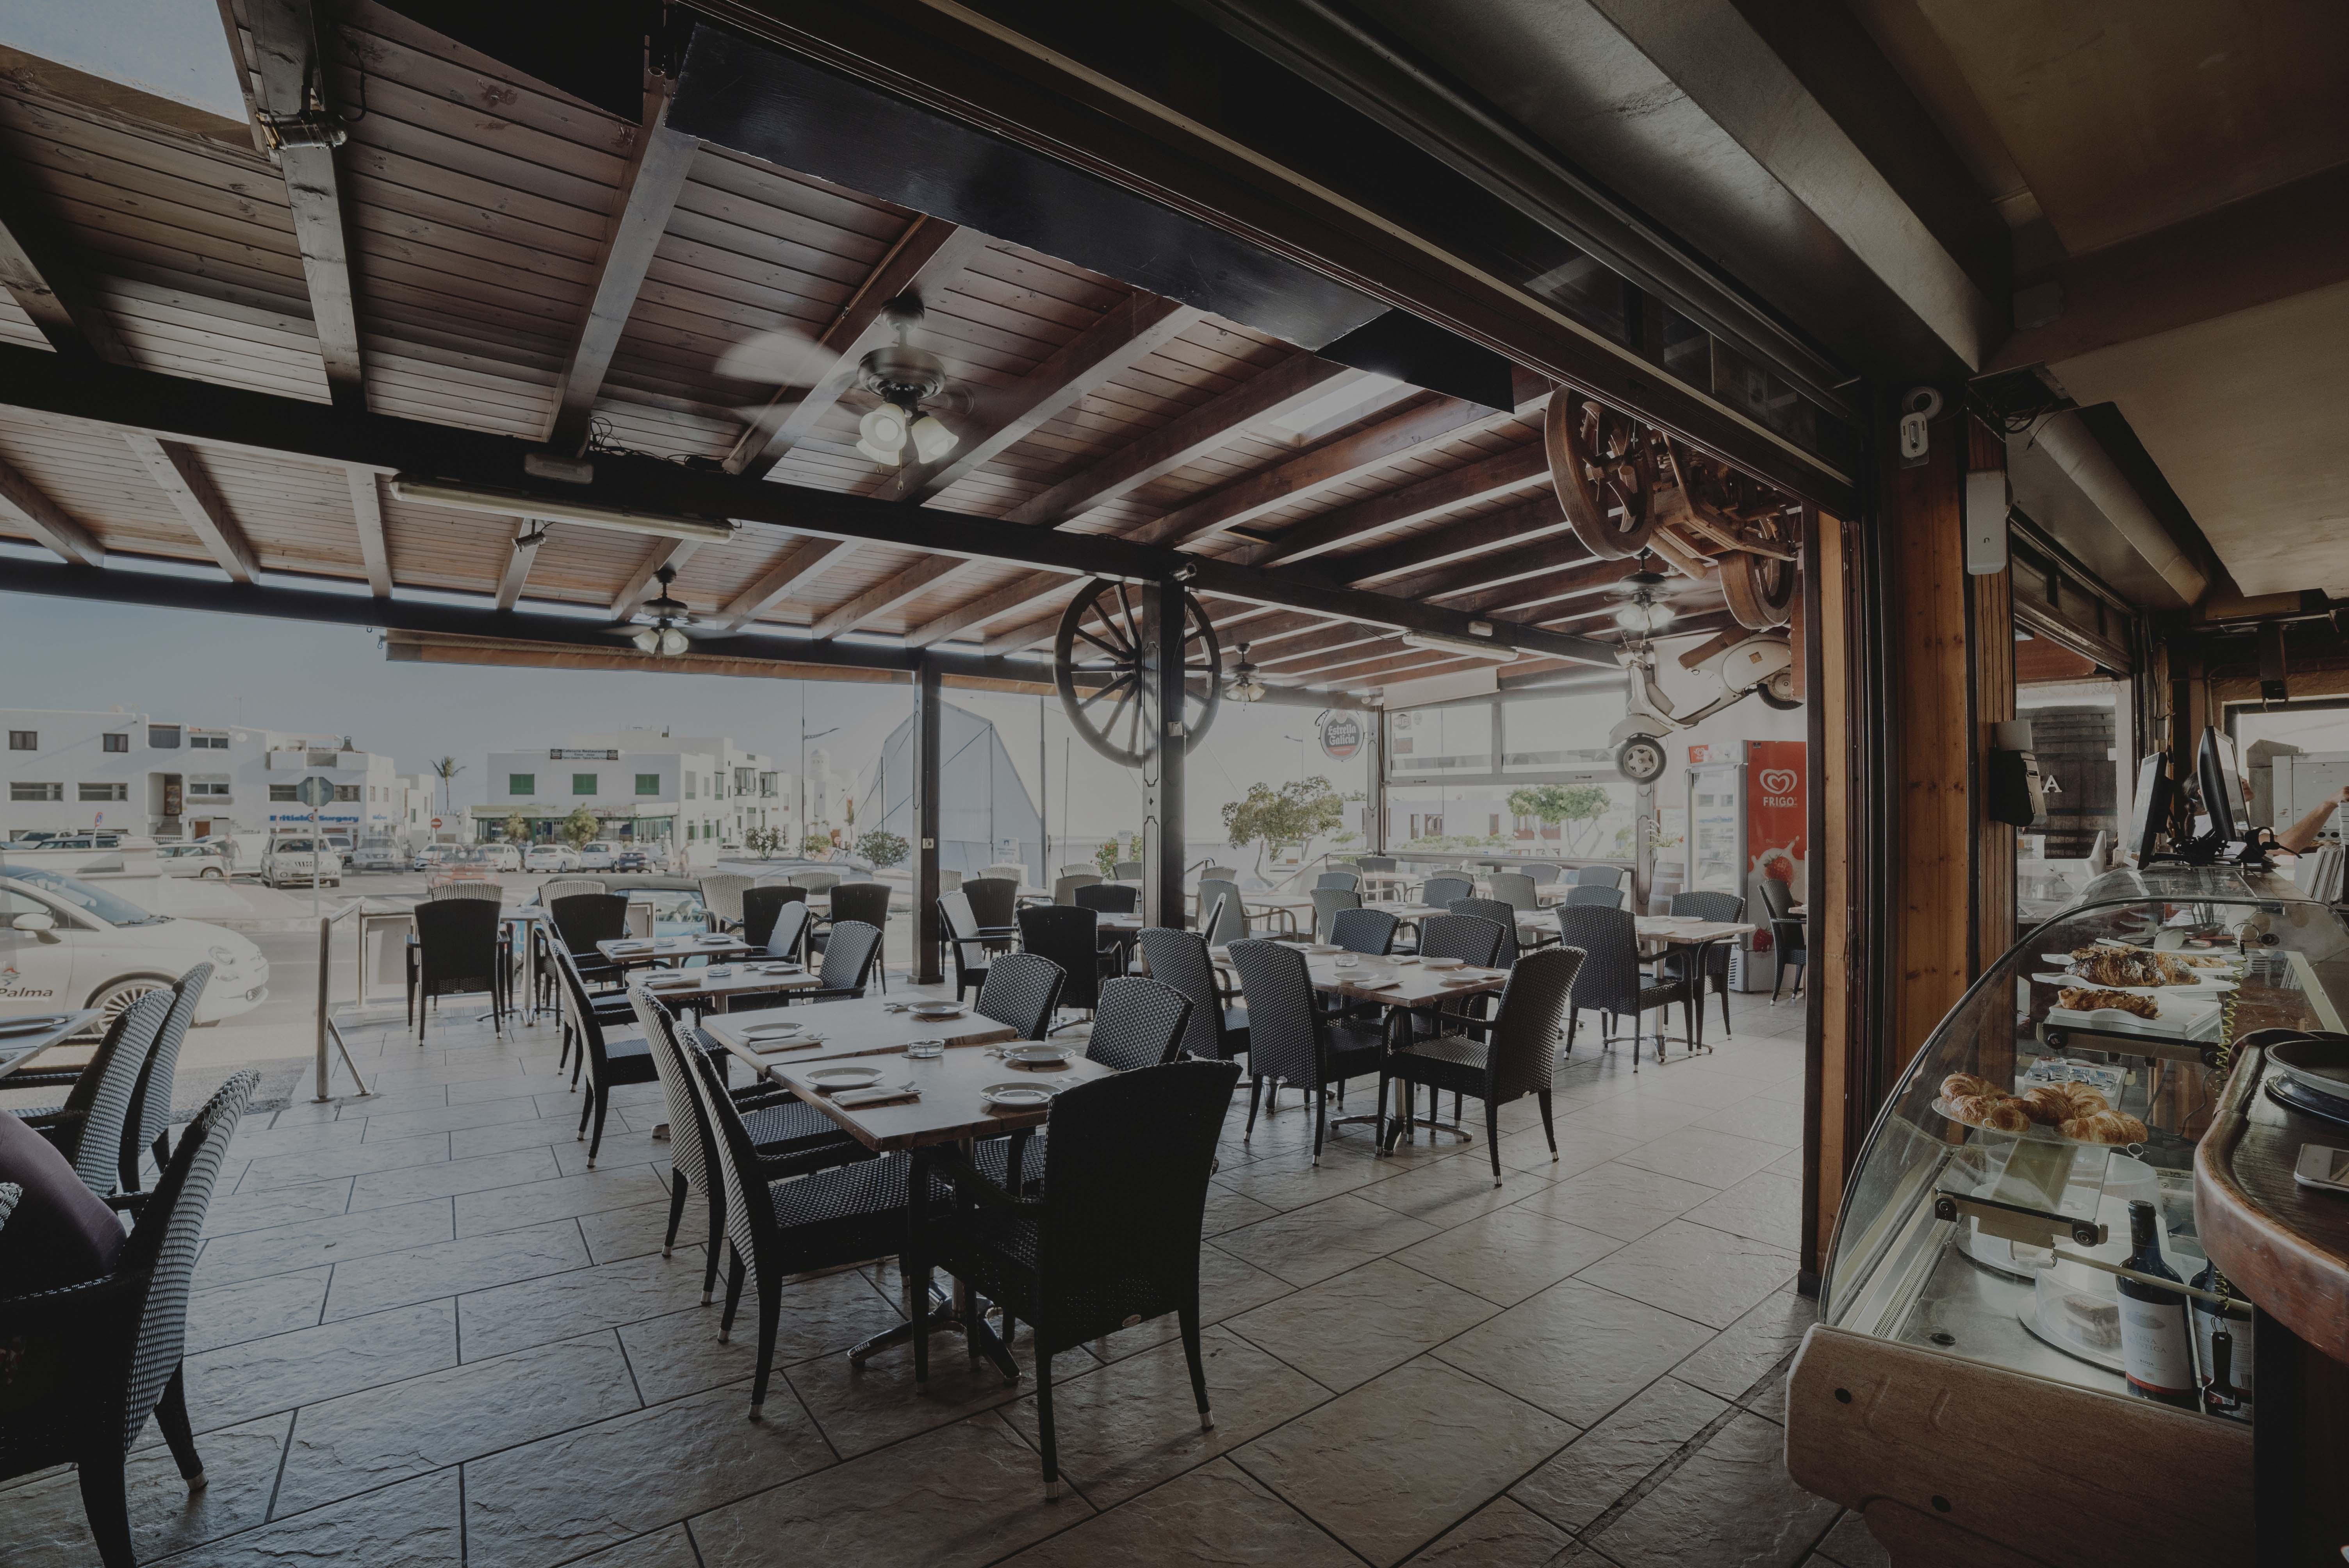 Restaurante y pizzeria la rustica - Servicio a Domicilio